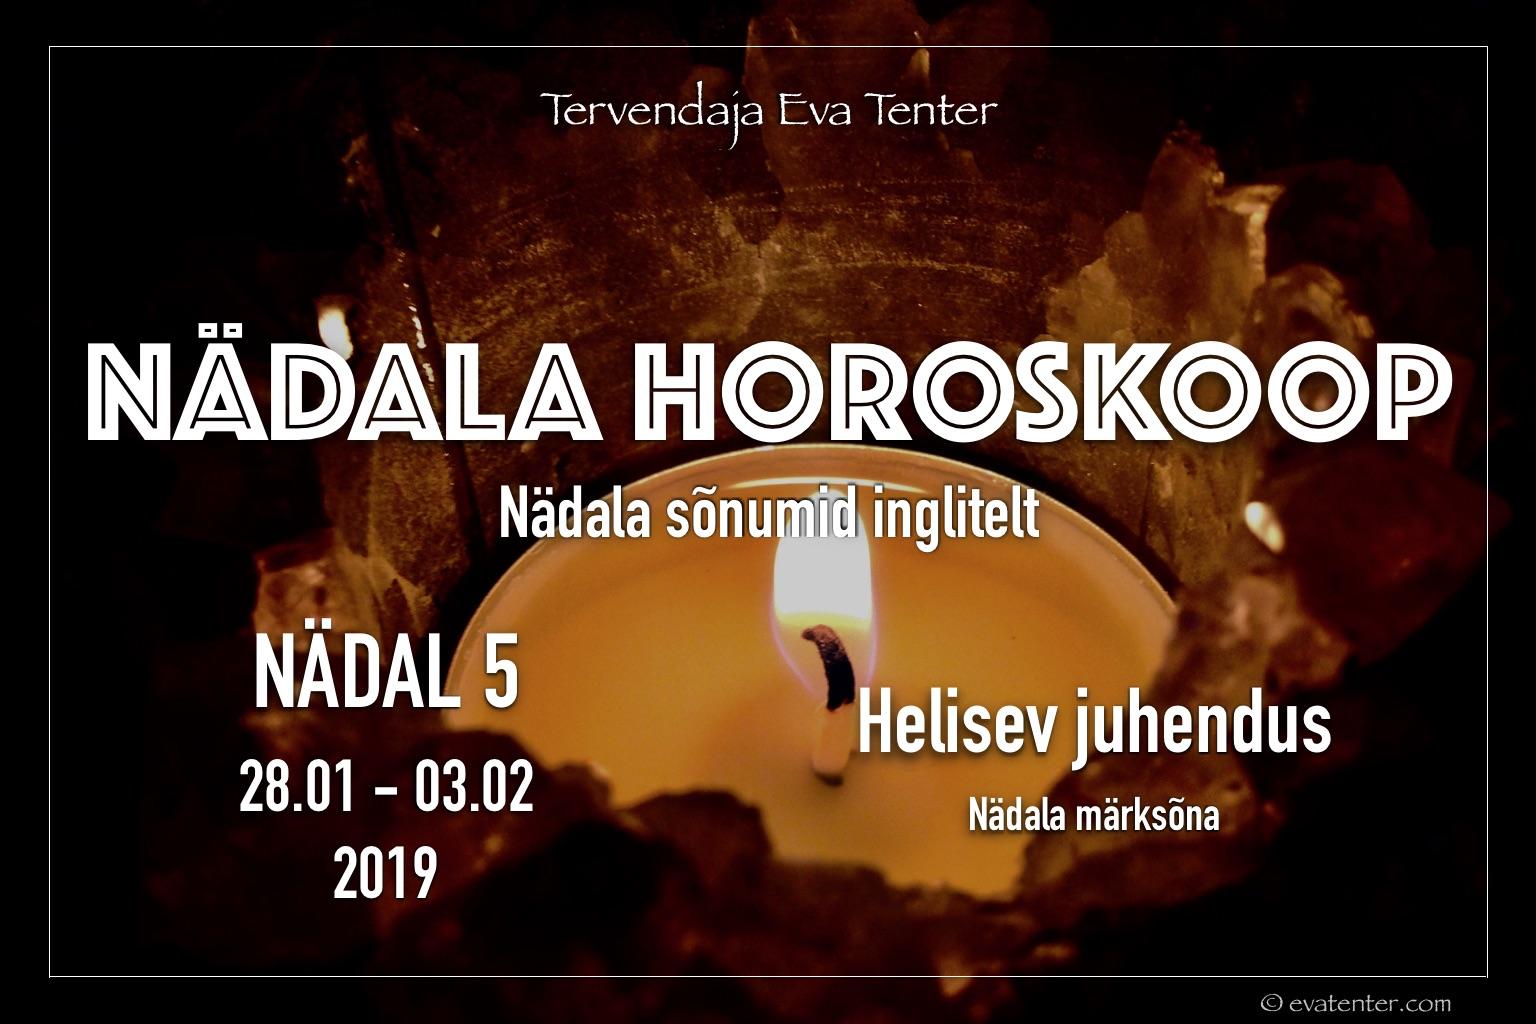 Nädala horoskoop 28.01-03.02.2019